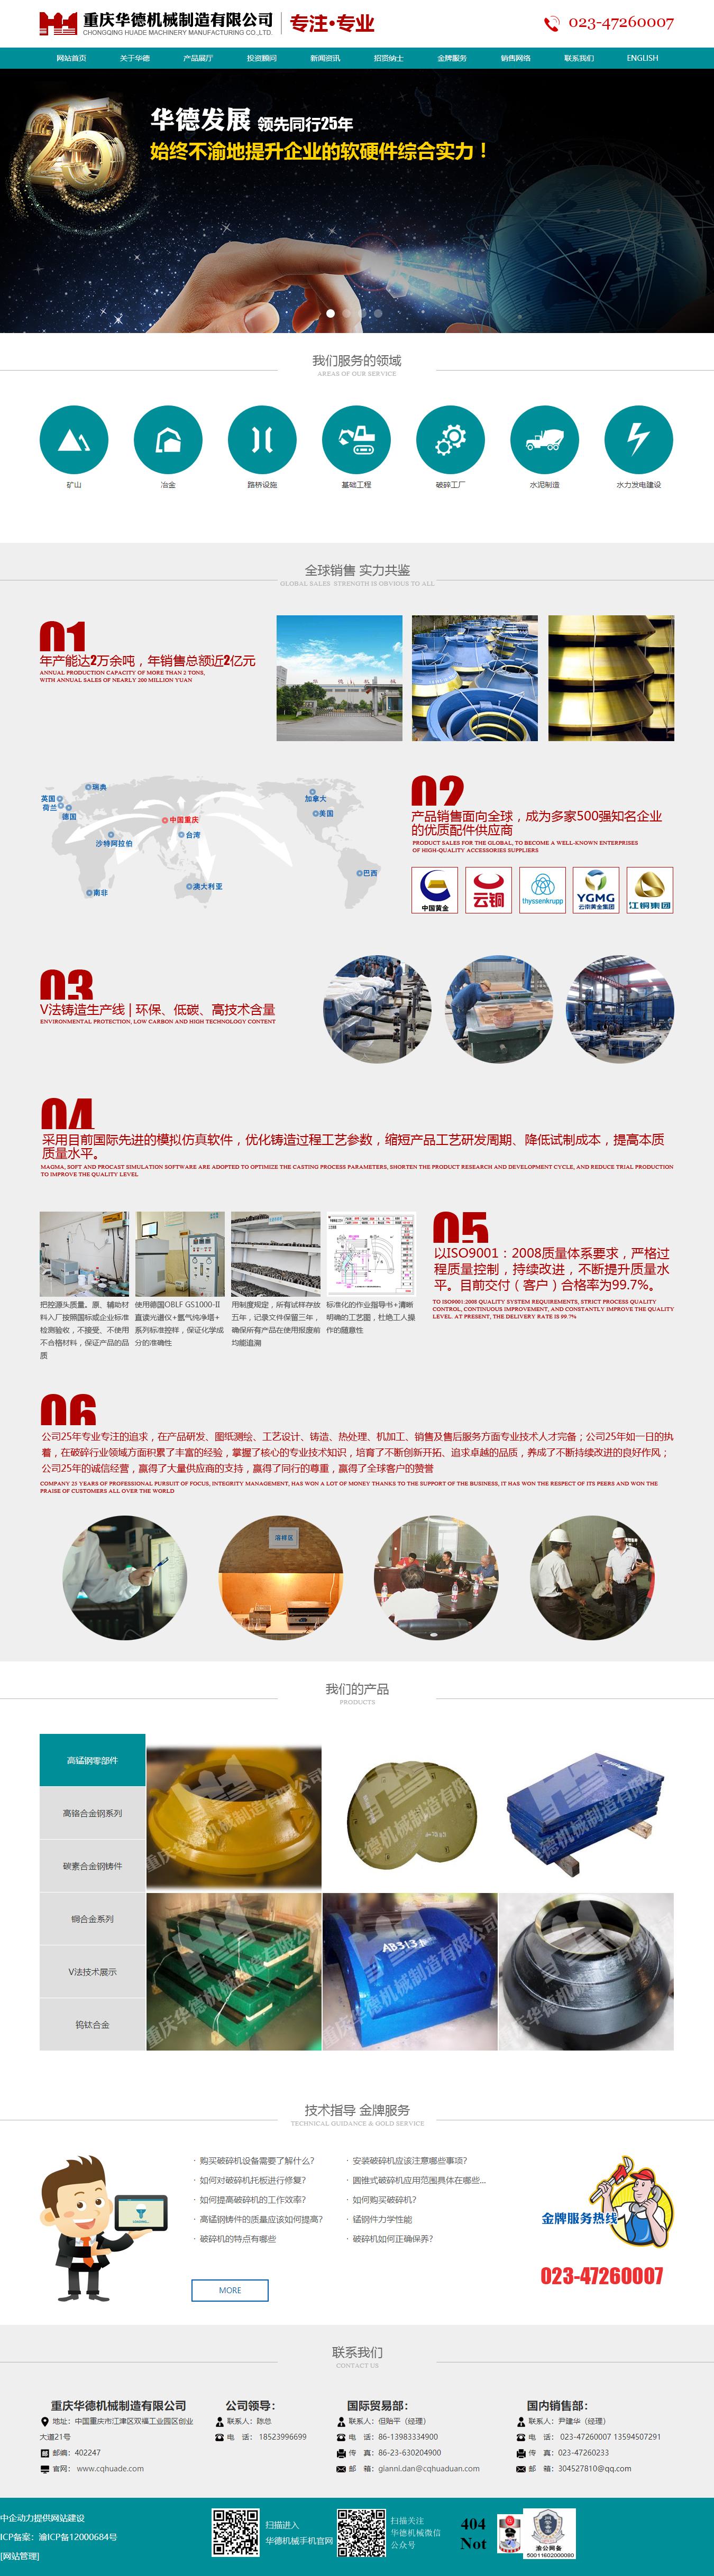 重庆华德机械制造有限公司网站案例